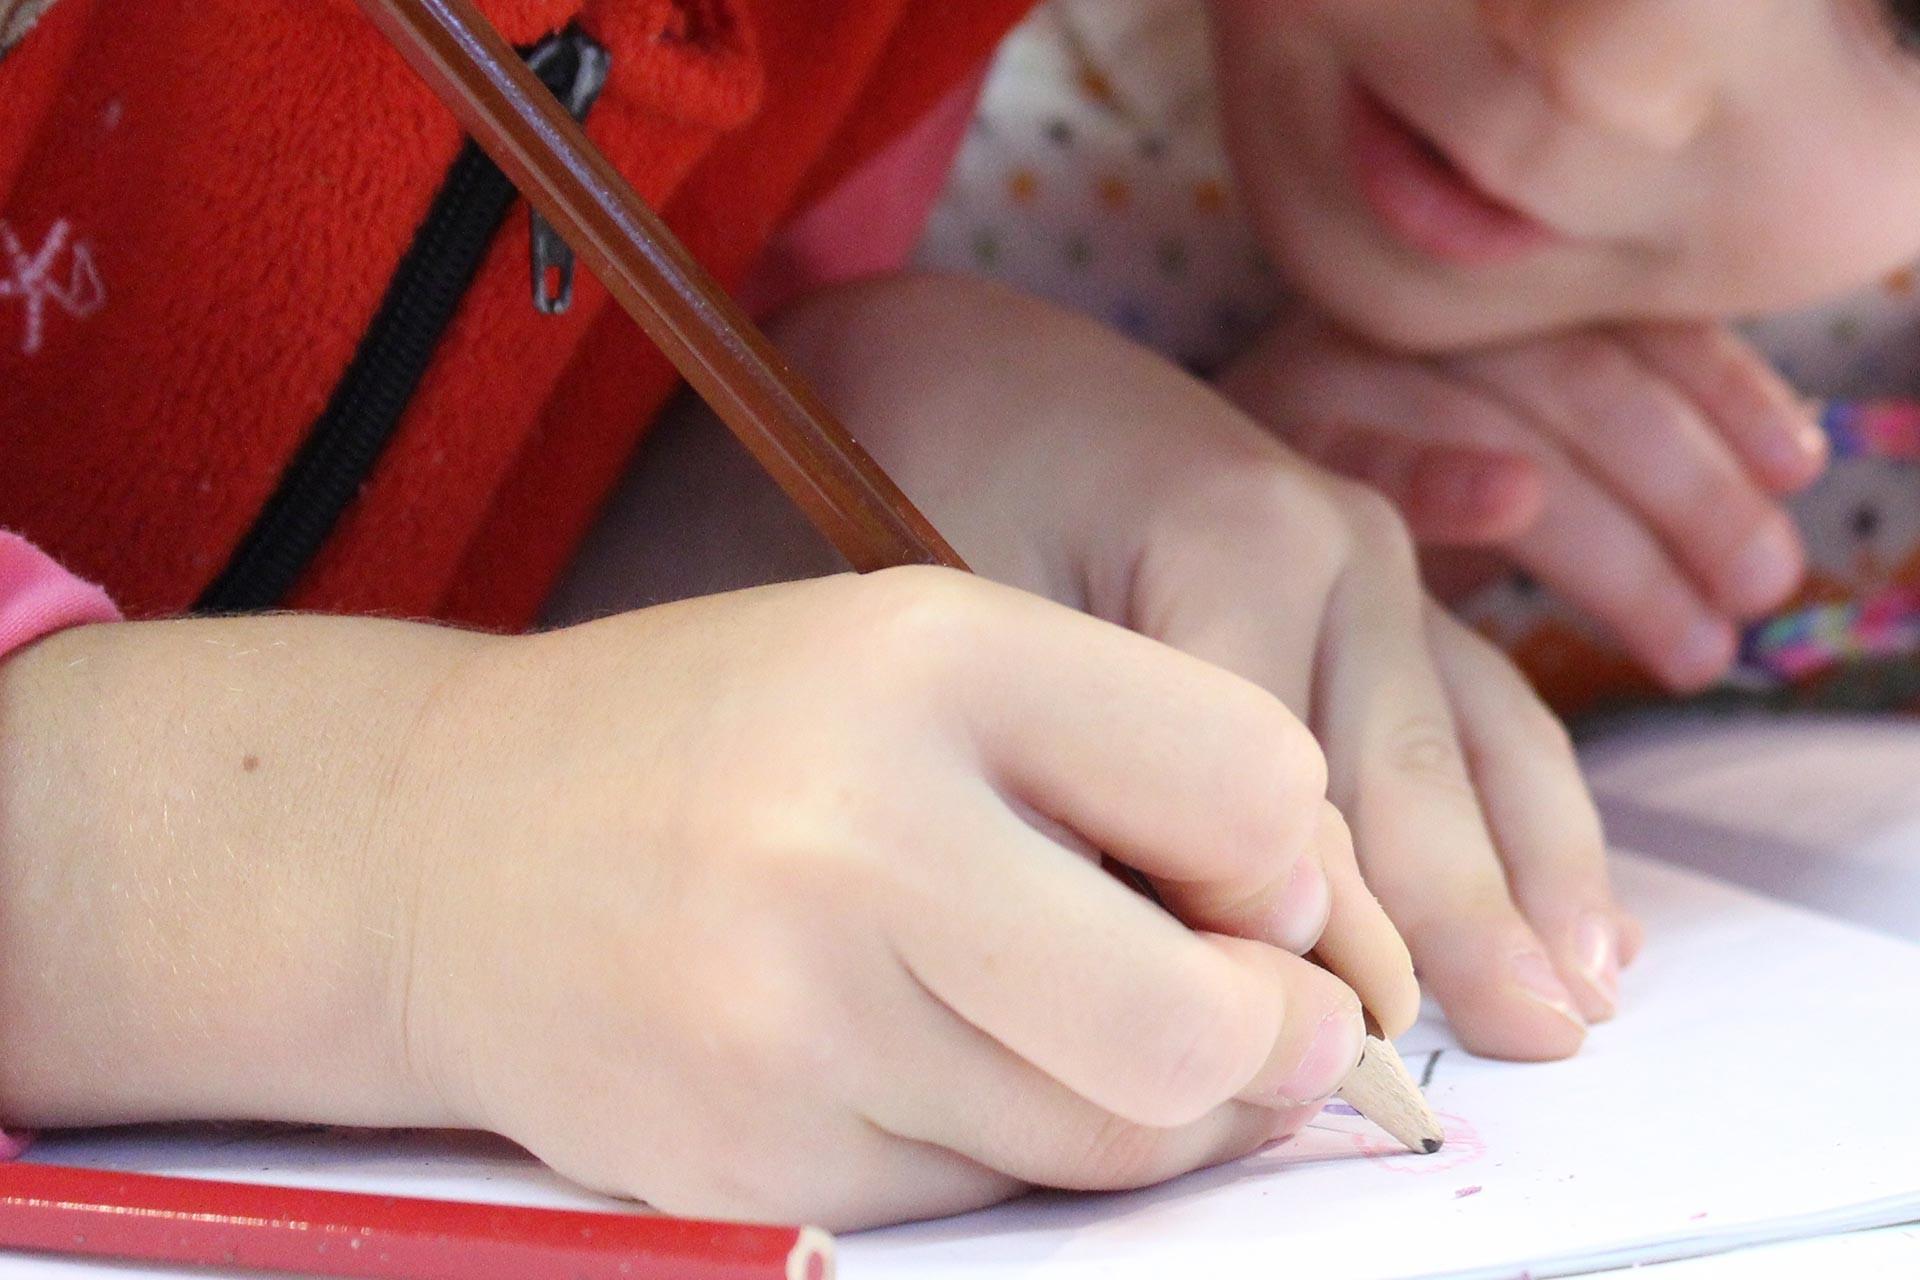 Kurşun kalemle deftere yazı yazan çocuklar